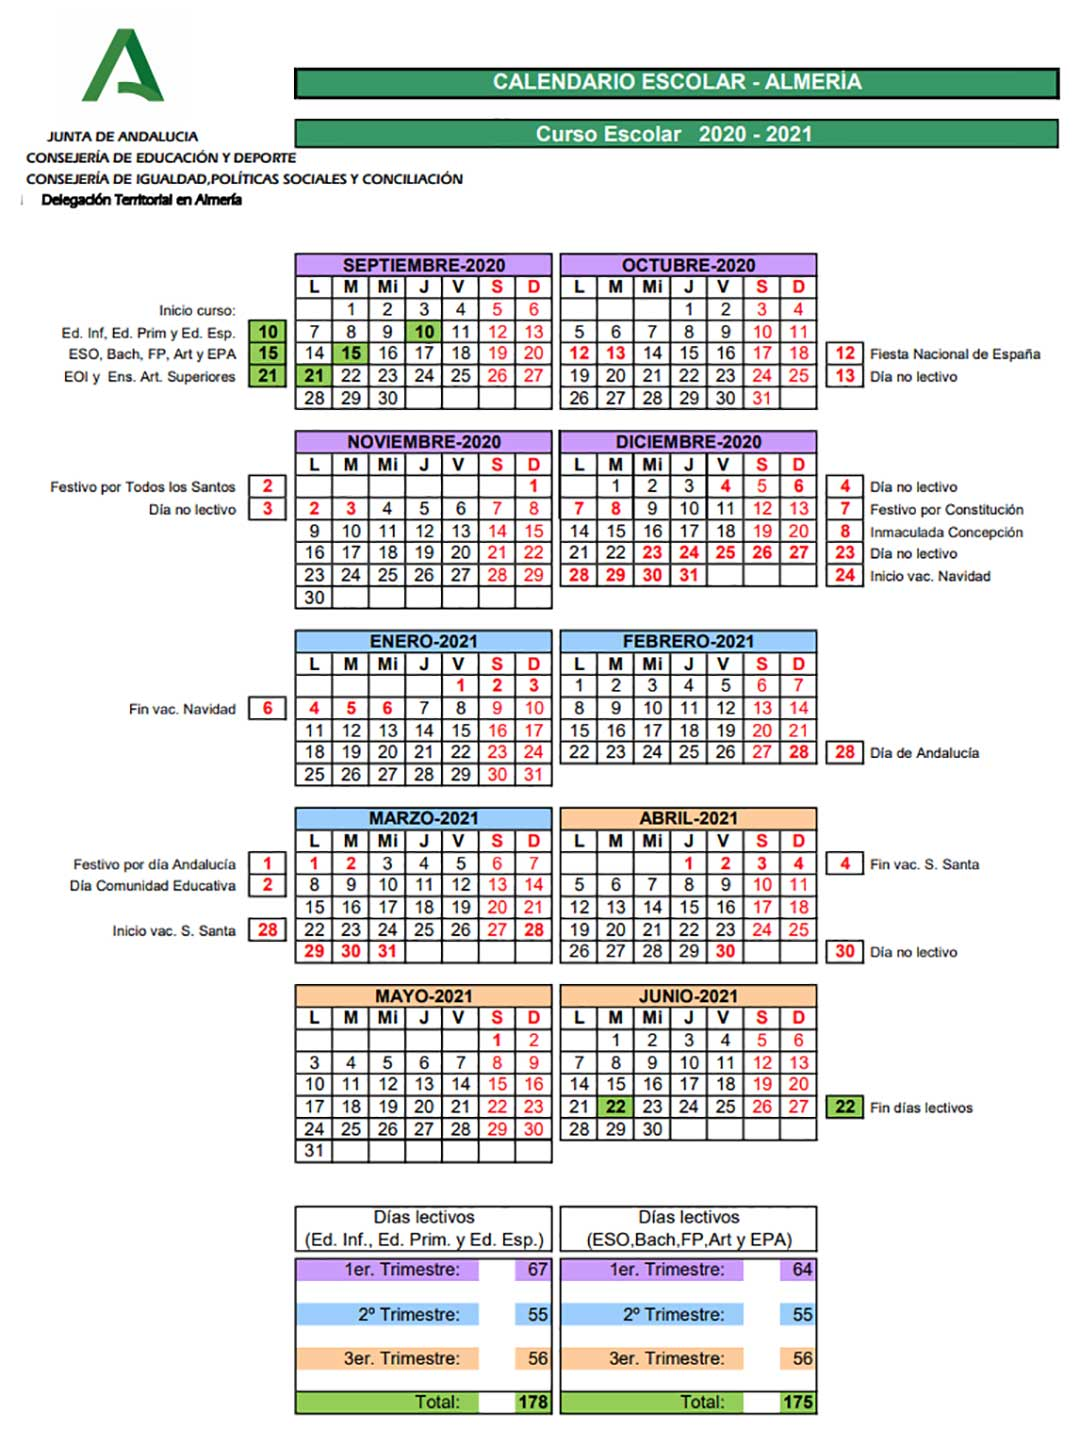 Calendario escolar Almeria curso 2020-2021